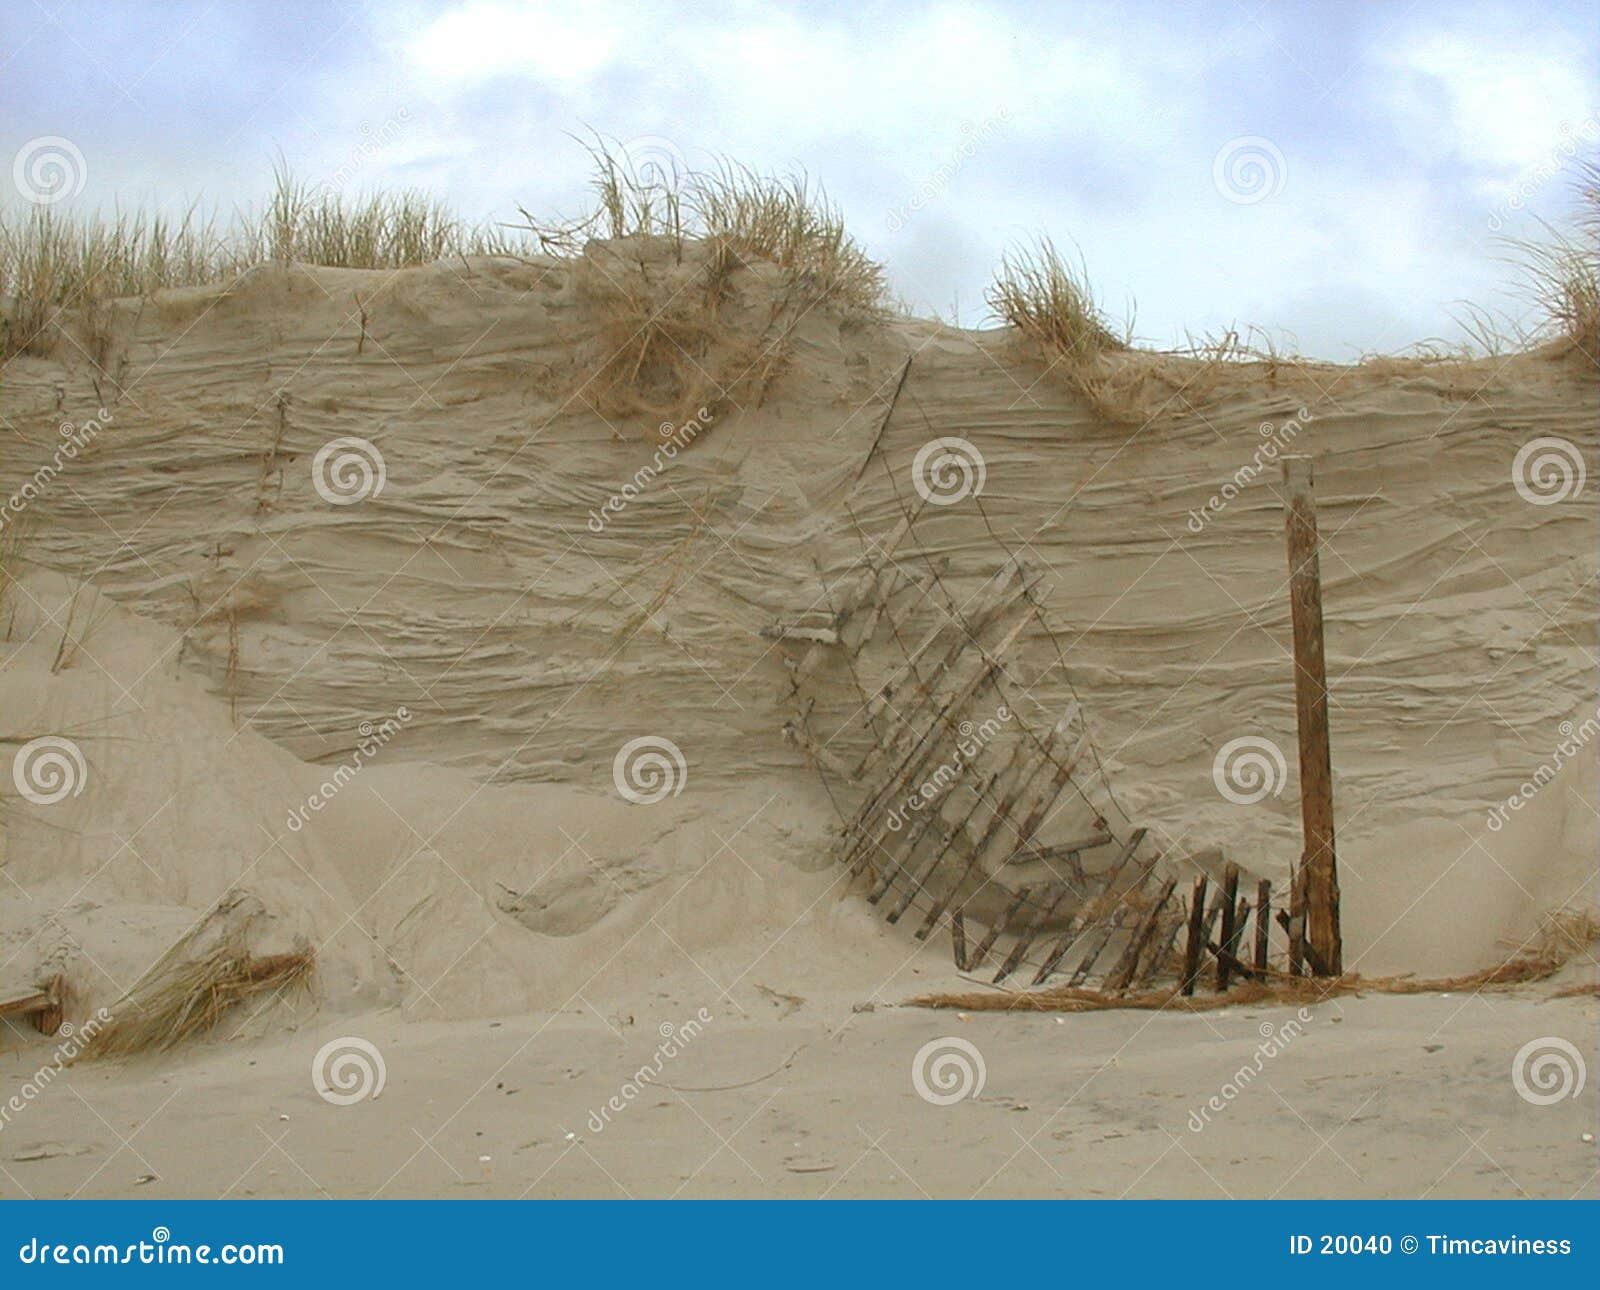 Breaking Dune